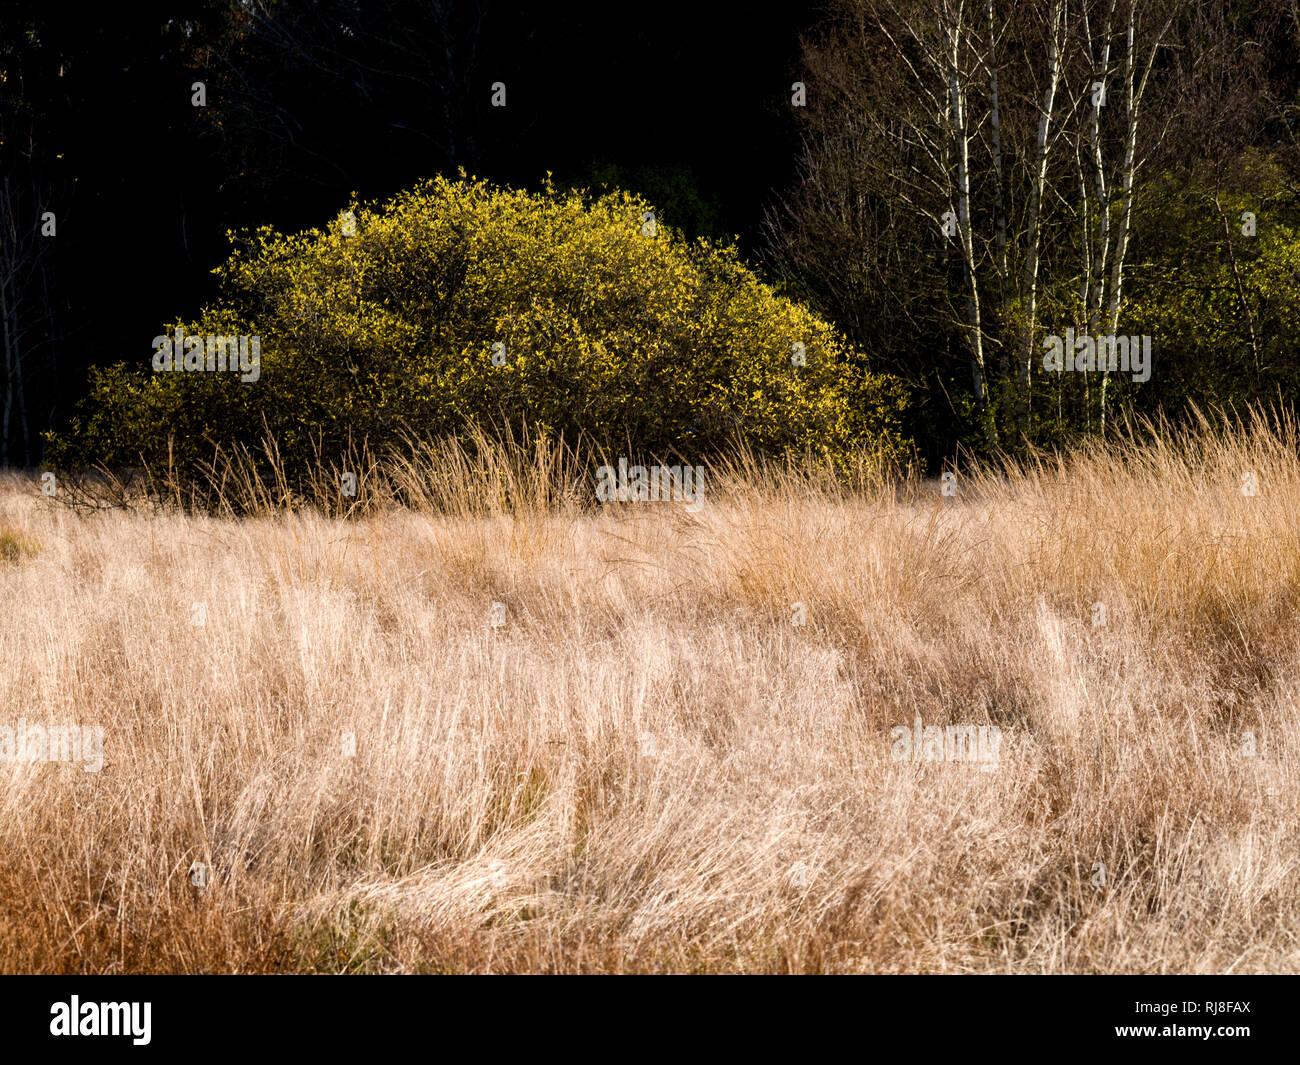 Deutschland, Bayern, Naturpark Bayrische Rhön, UNESCO-Biosphärenreservat, Naturschutzgebiet Schwarzes Moor, windgeformte Moorgräser, Birken und Salwei Stock Photo